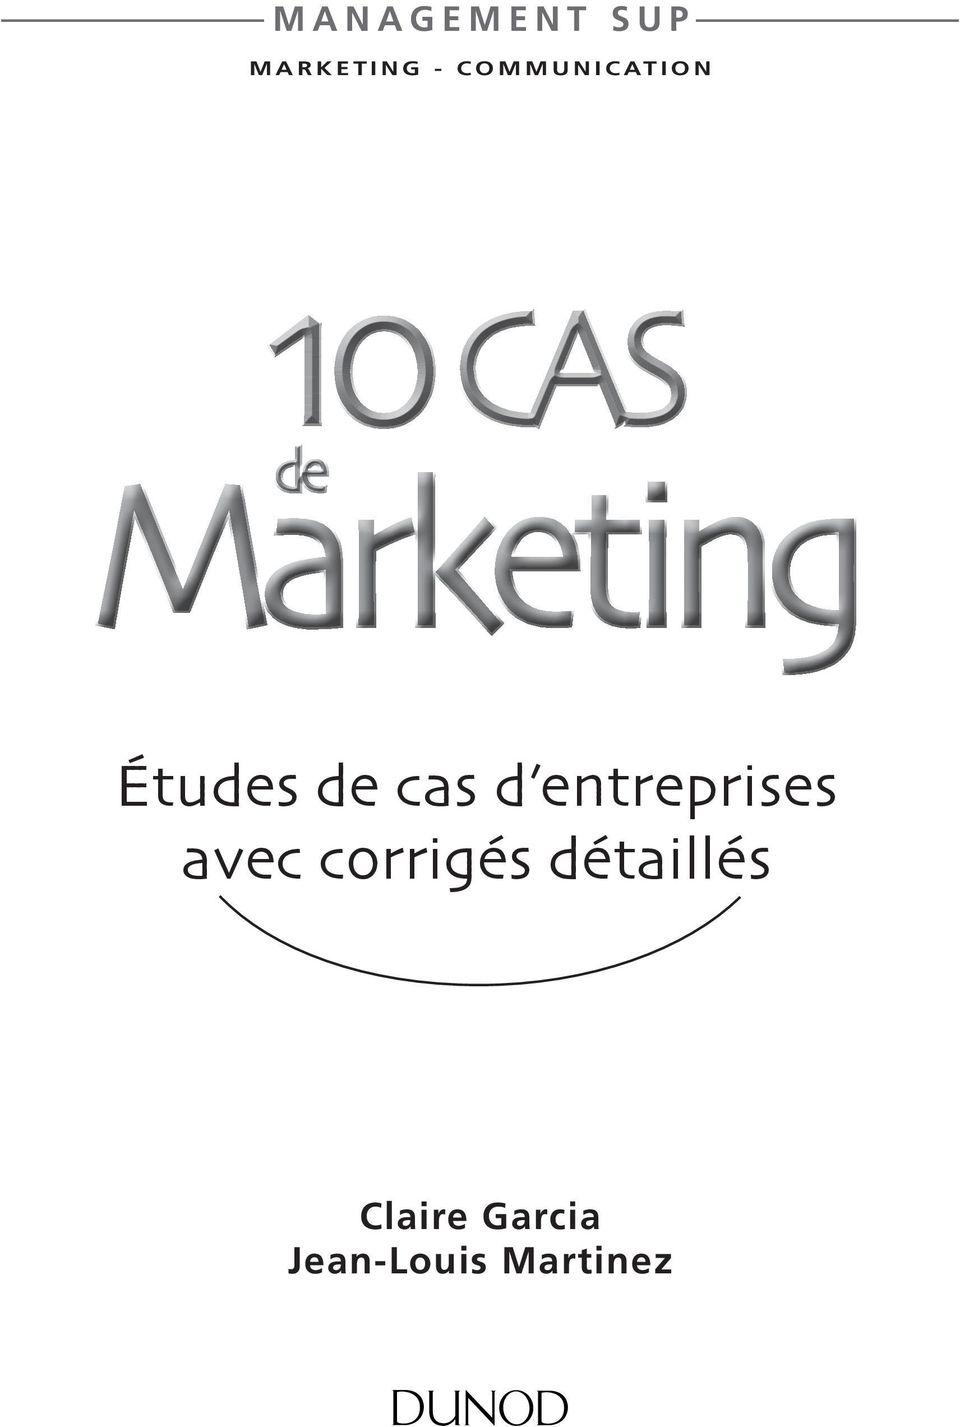 10 Cas De Marketing Pdf : marketing, Études, Entreprises, Corrigés, Détaillés, Download